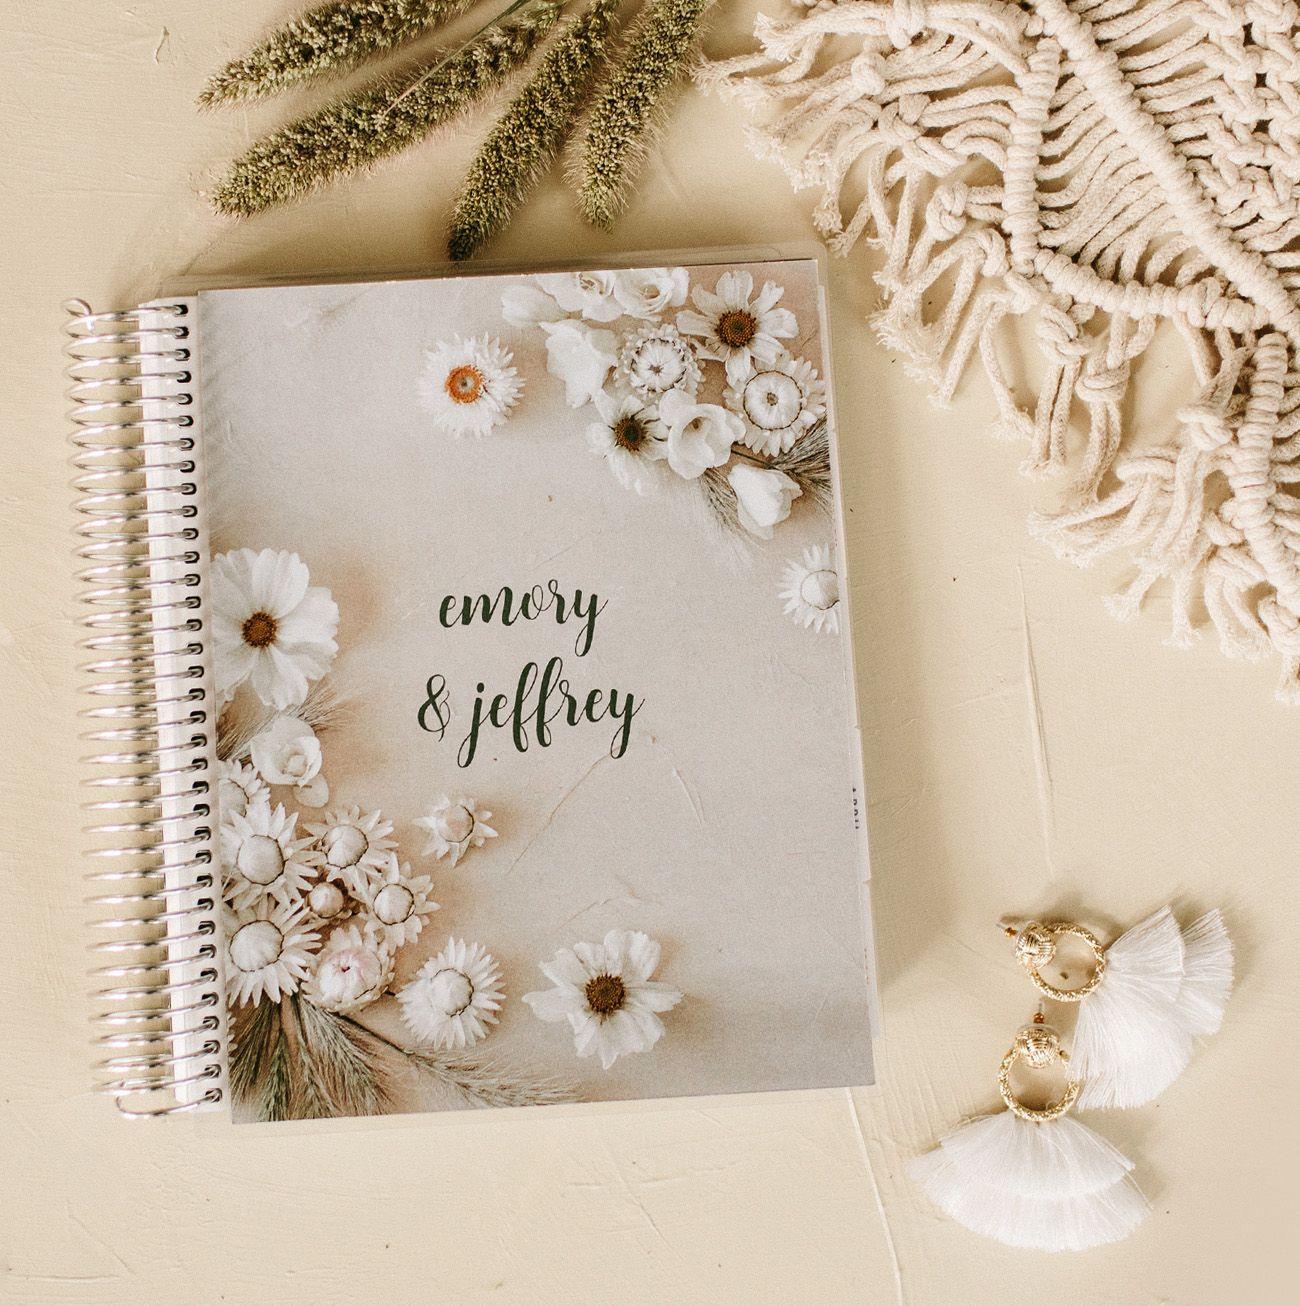 Erin Condren Wedding Planner.Good News Our Gws X Erin Condren Wedding Planners Are Now Available